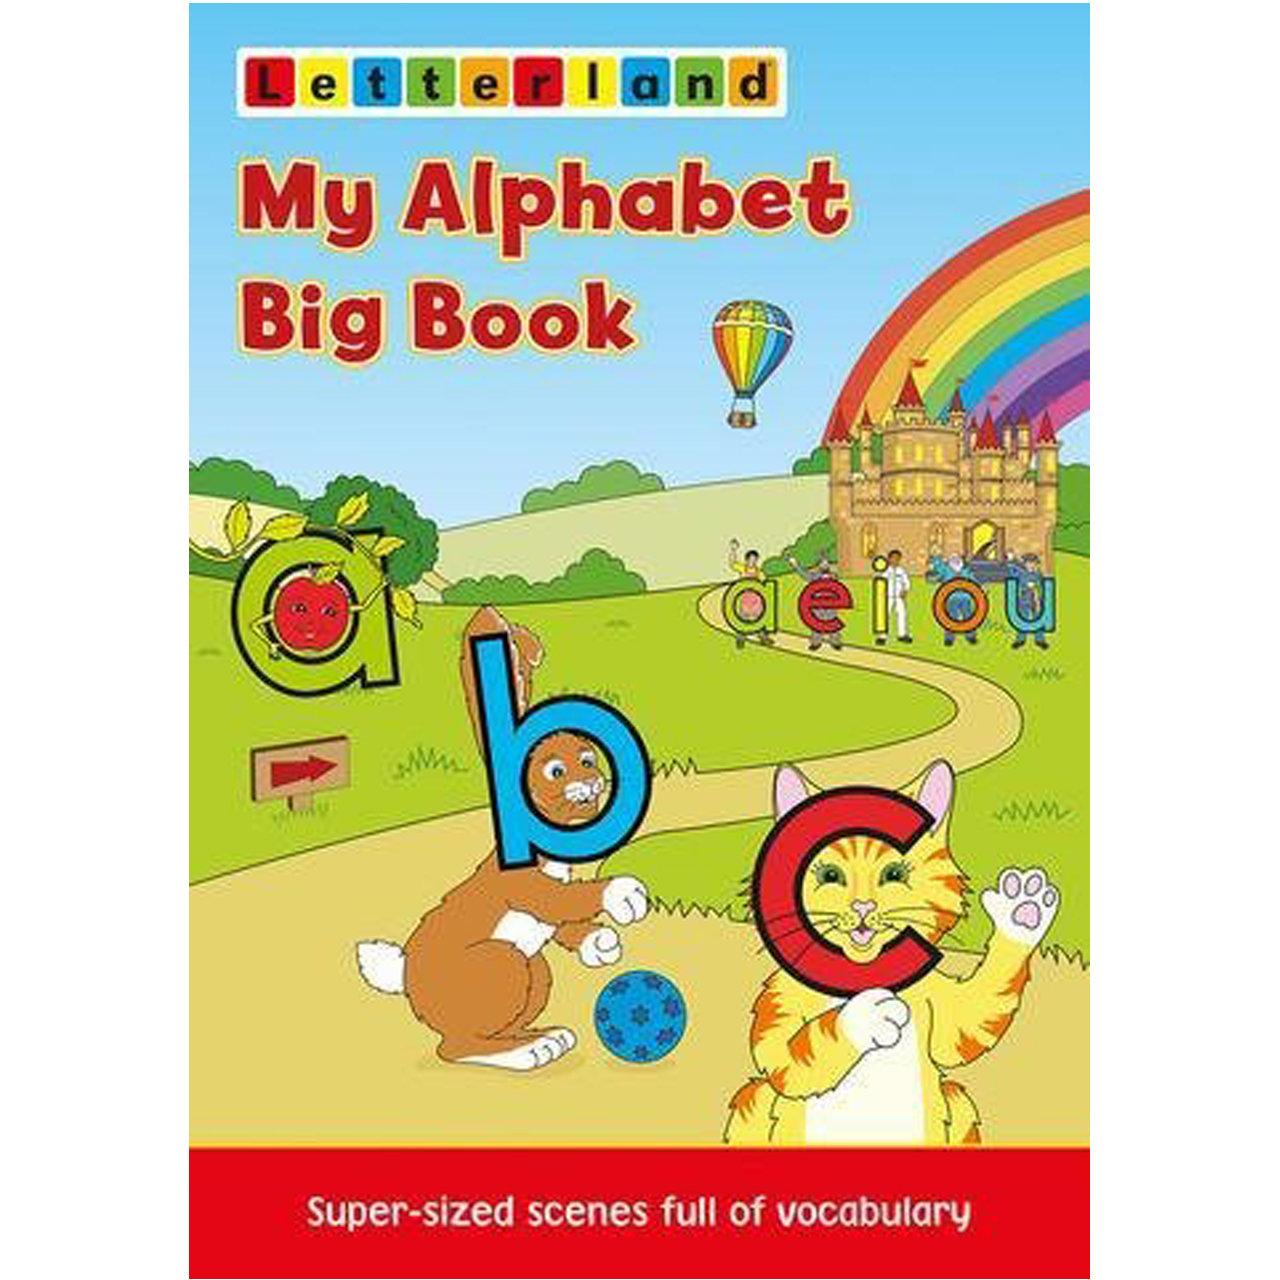 My Alphabet Big Book (Big Book Fix-it Phonics Level 1)